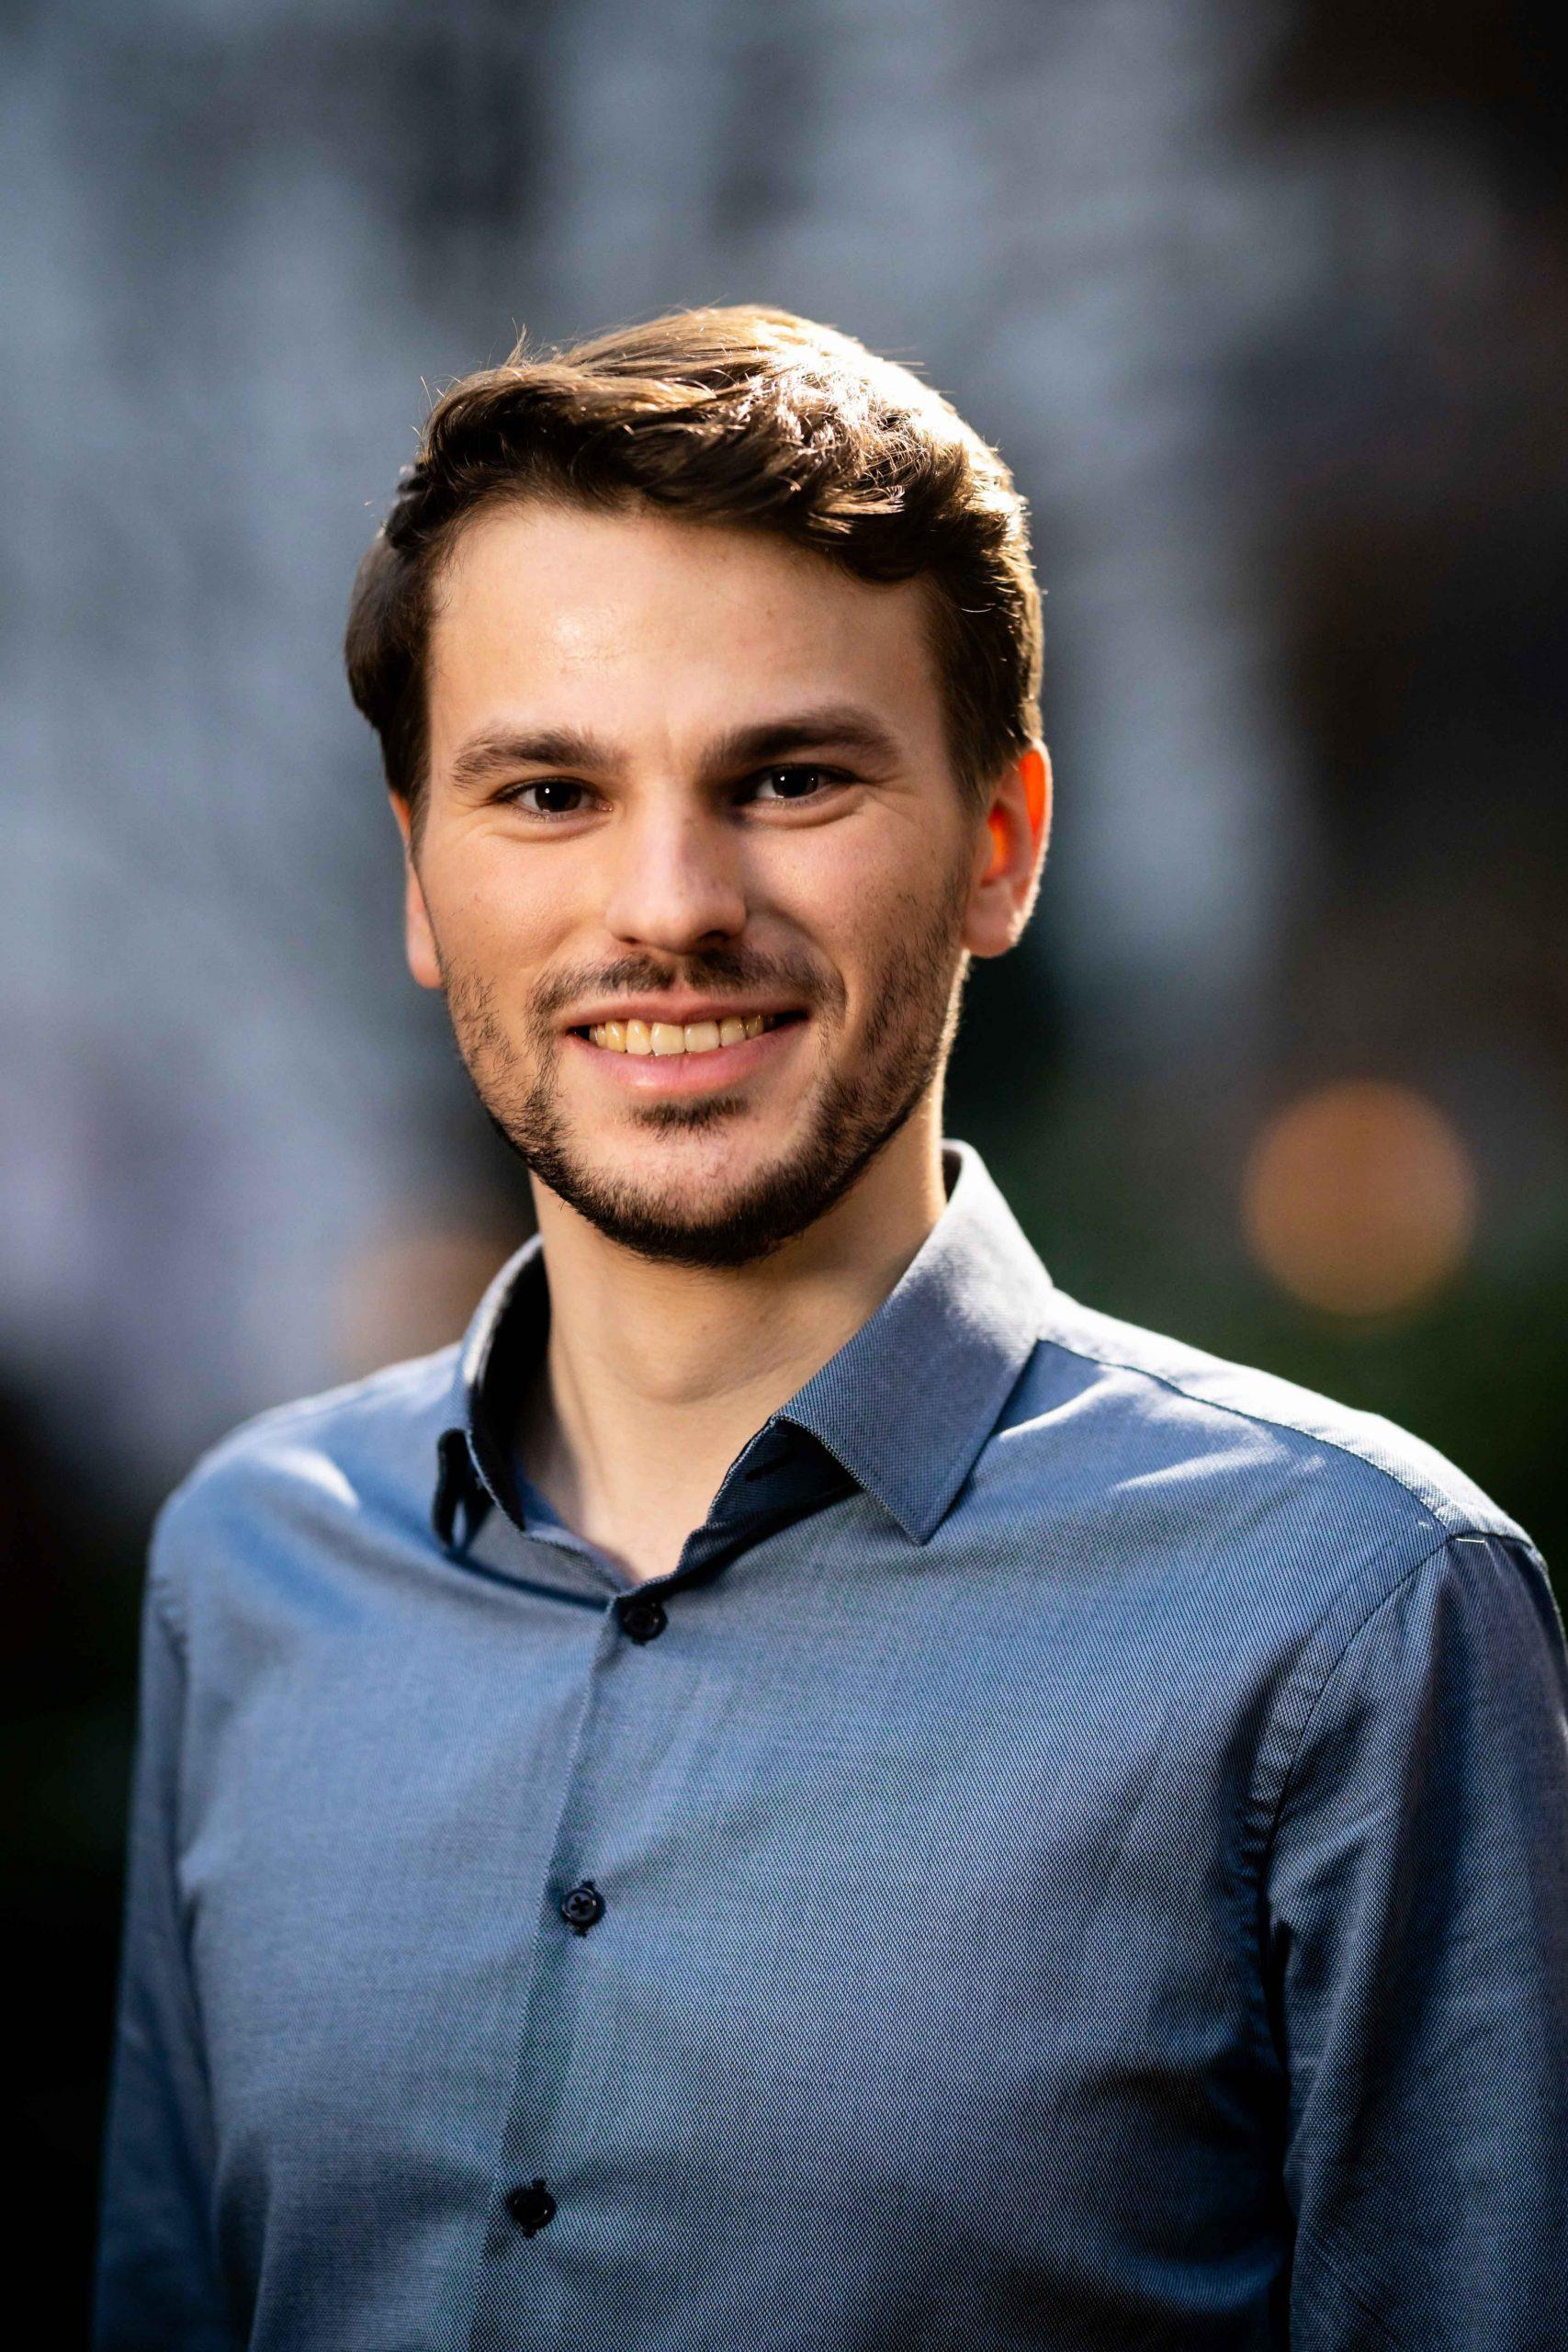 Gerrit Fuß verkehrspolitischer Sprecher und Wahlkreisabgeordneter für die Veddel in der Hamburgischen Bürgerschaft Foto: ein